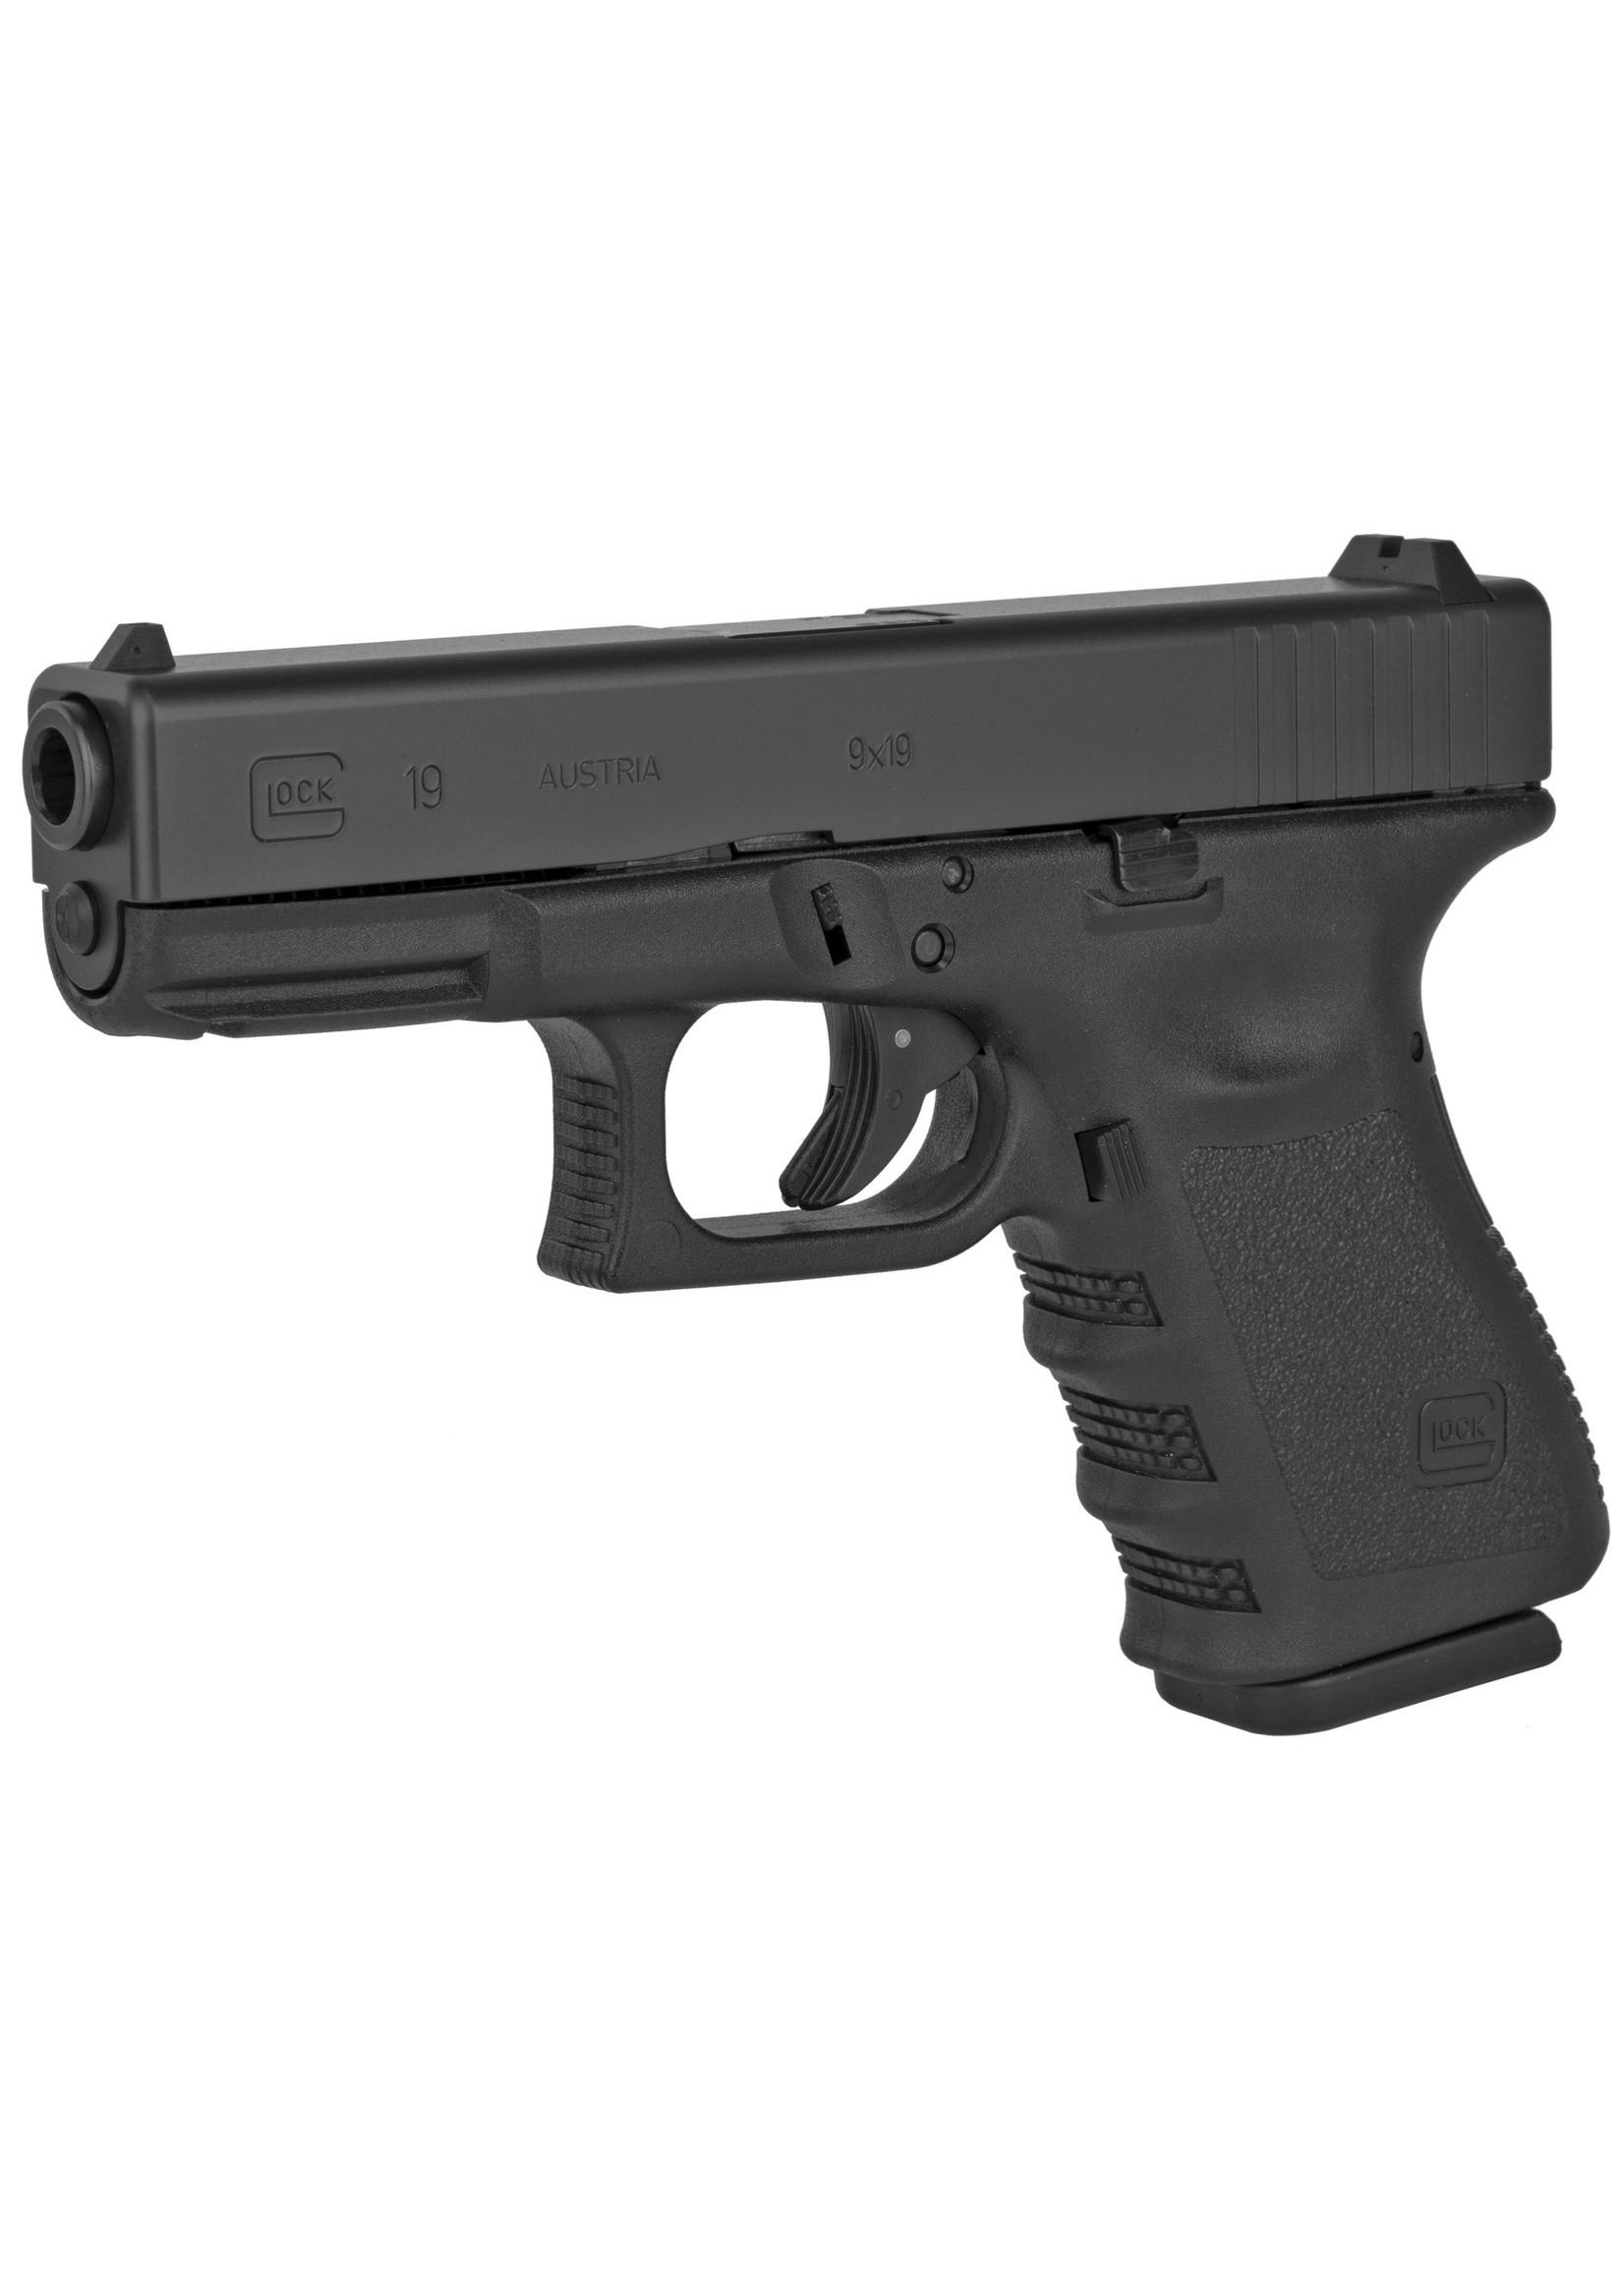 """Glock Glock 19 G3 9mm Luger 4.02"""" 15+1 Black Steel Slide Black Polymer Grip"""